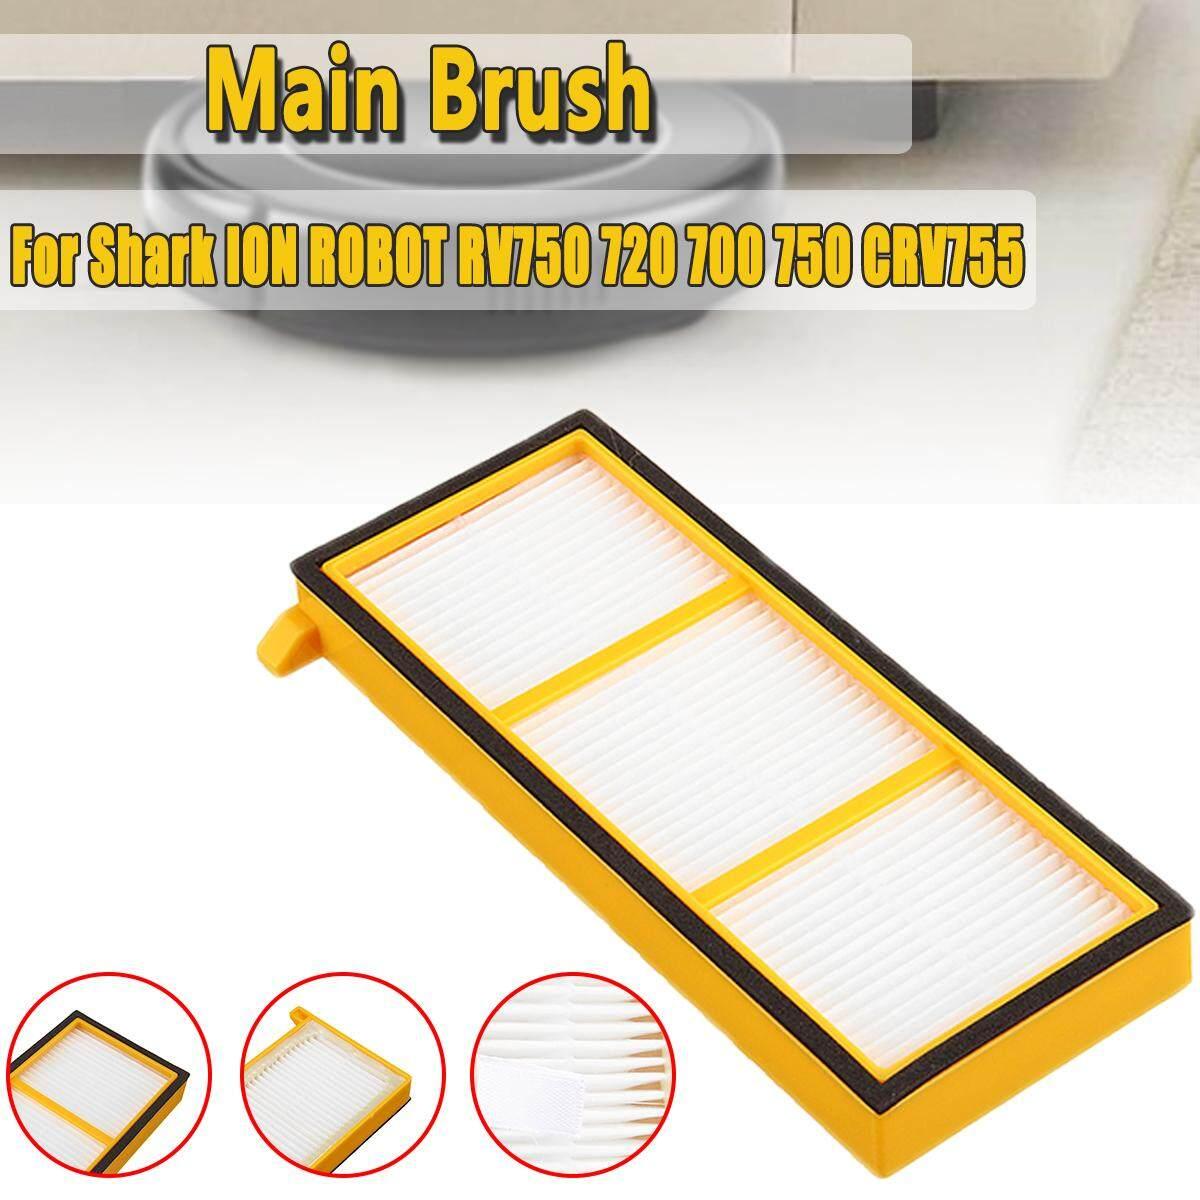 Chổi Quét Chính/Bên Brushs/Bộ Lọc Cho Cho Cá Mập ION ROBOT RV750 720 700 750 CRV755-Filter